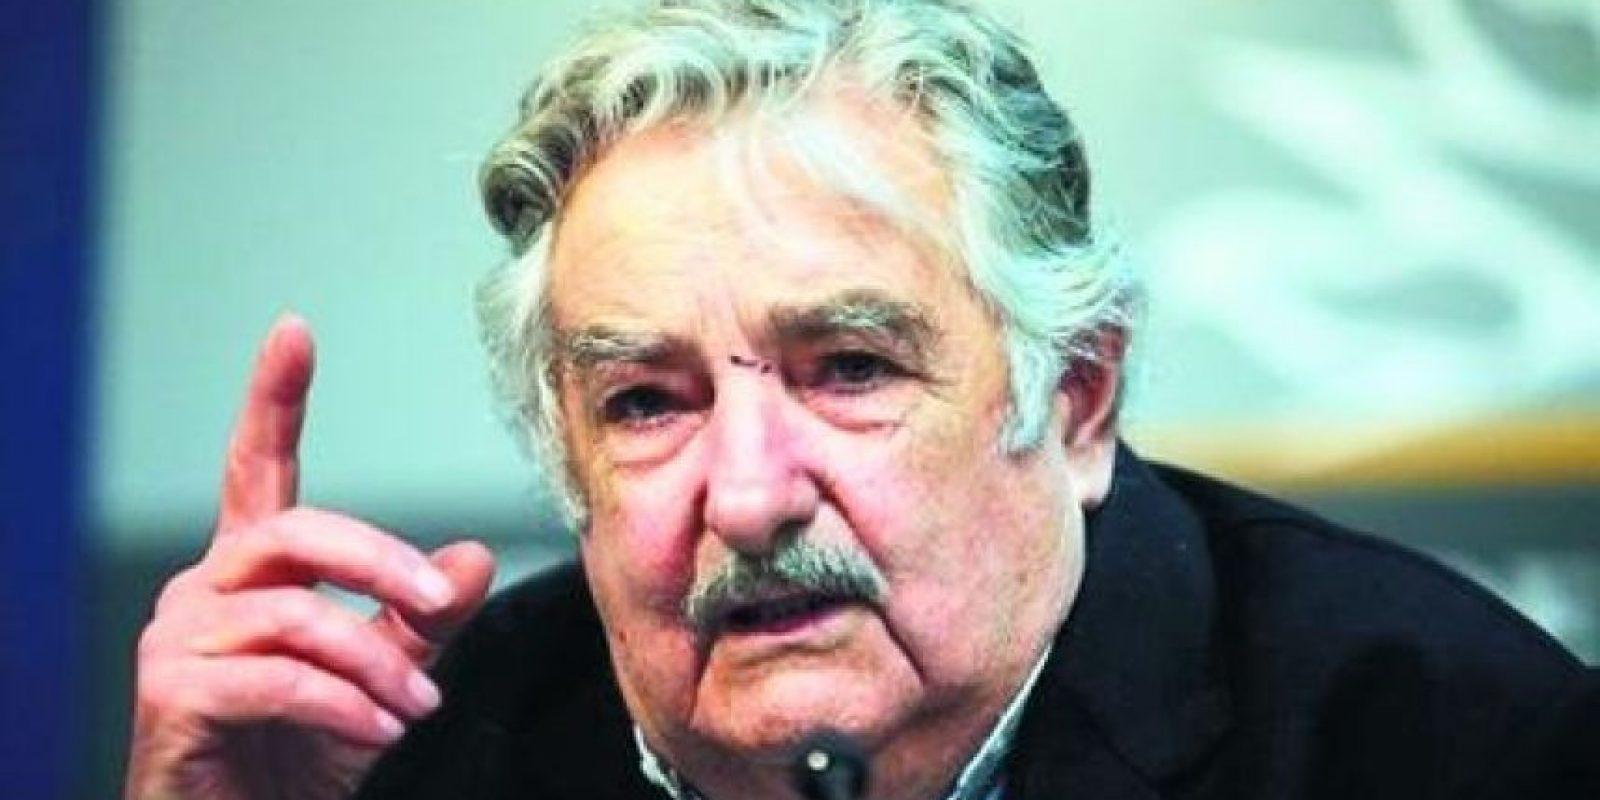 """Polémica. En Venezuela """"están todos locos"""" y Nicolás Maduro está """"loco como una cabra"""" Pepe Mujica, expresidente de Uruguay y considerado aliado político del gobierno de Maduro."""